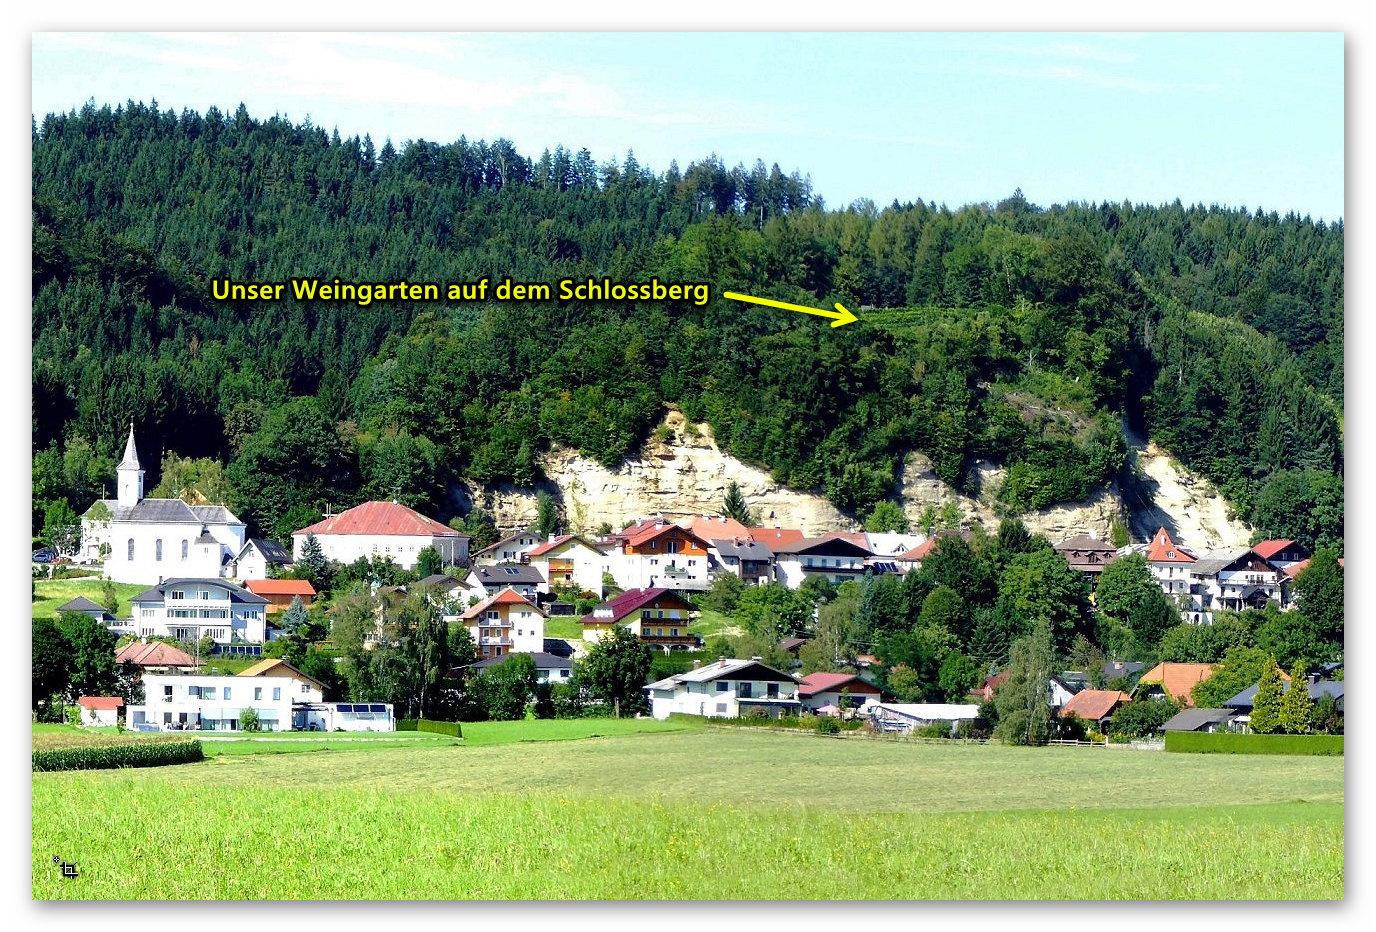 """Friedburg Ortsteil """"Alter Markt""""mit dem Weingarten auf dem Schlossberg"""